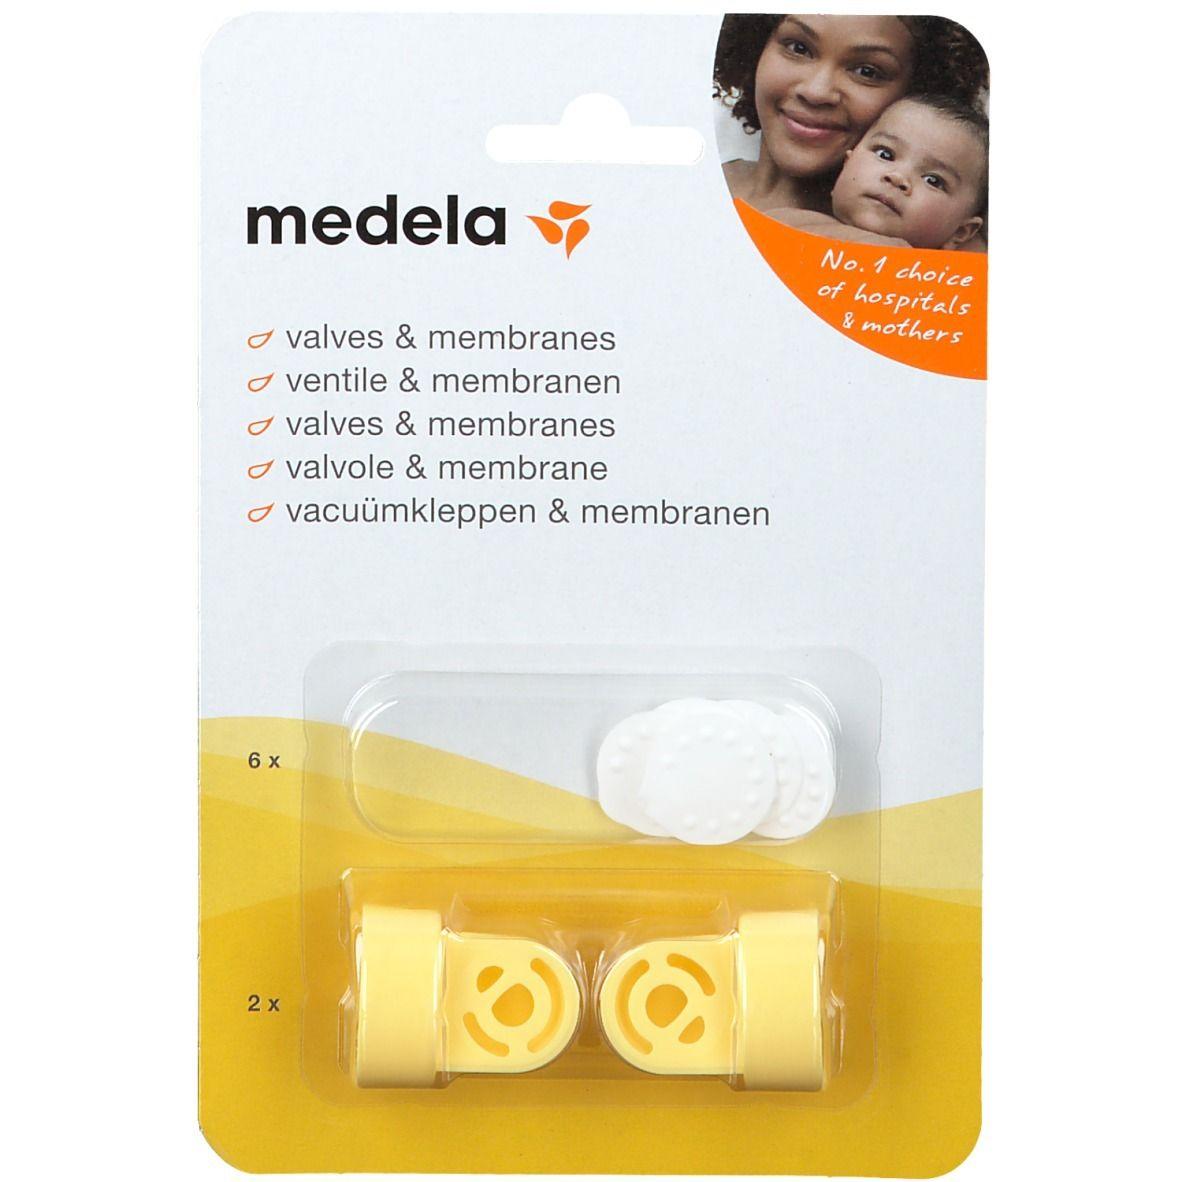 medela Valves & membranes pour la Téterelle Comfort